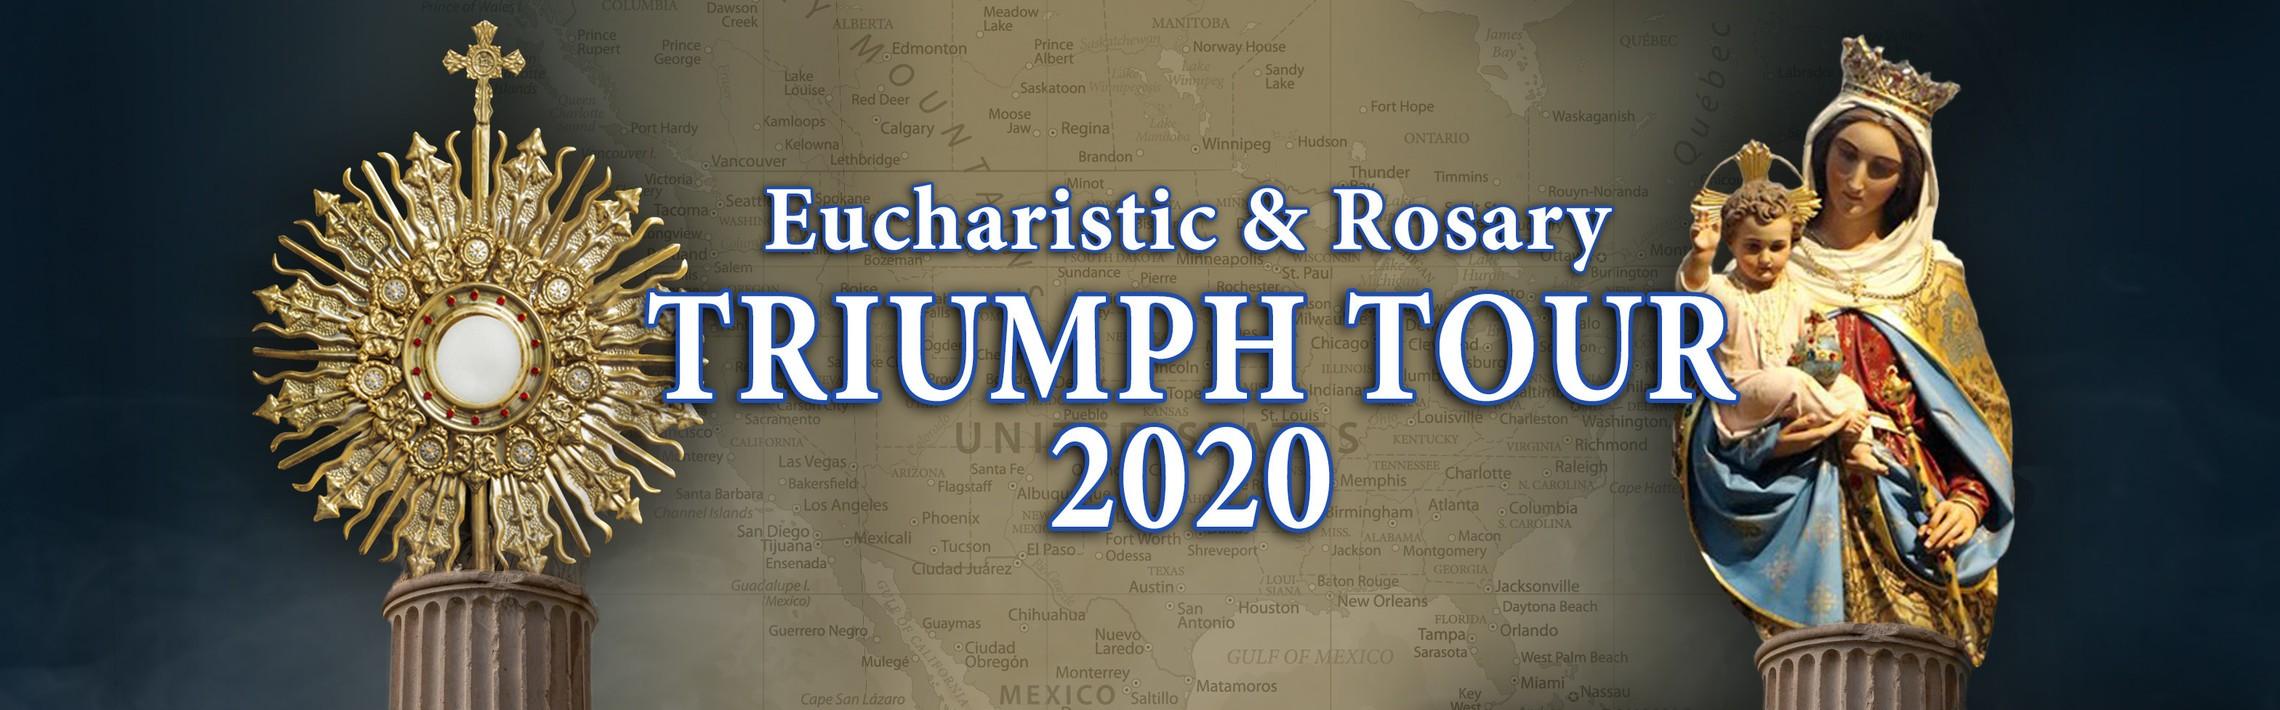 Triumph Tour 2020 Banner